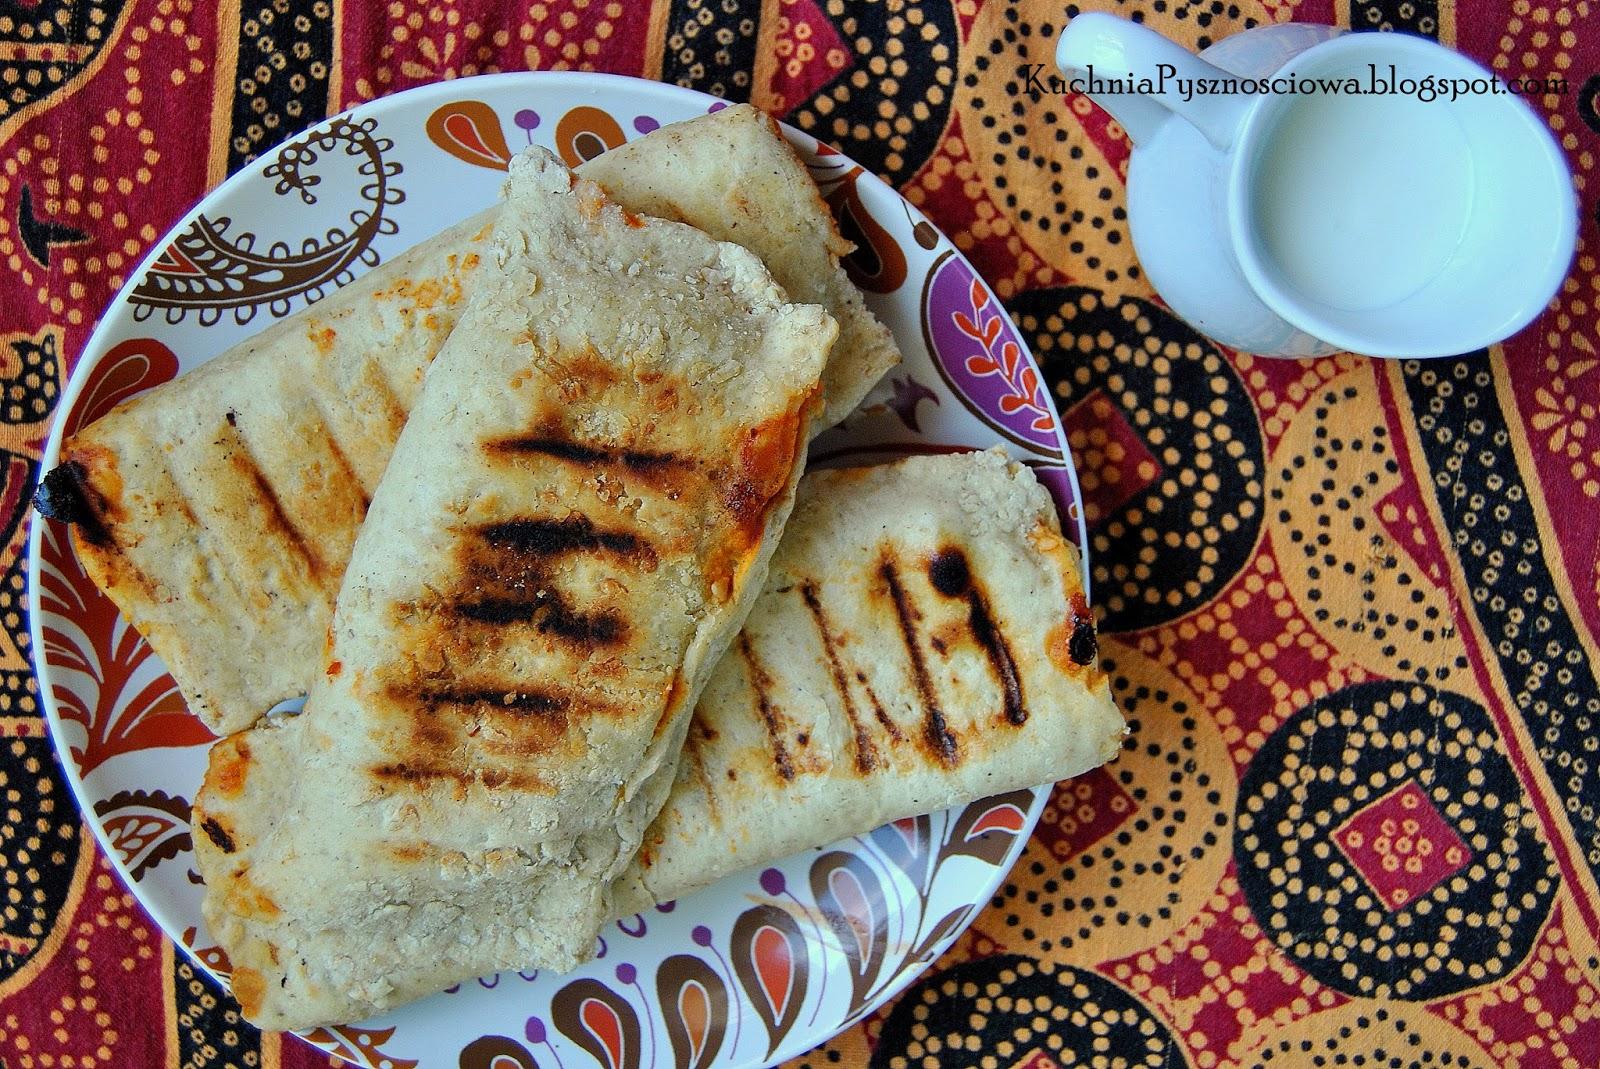 186. Grillowany chleb arabski faszerowany warzywami